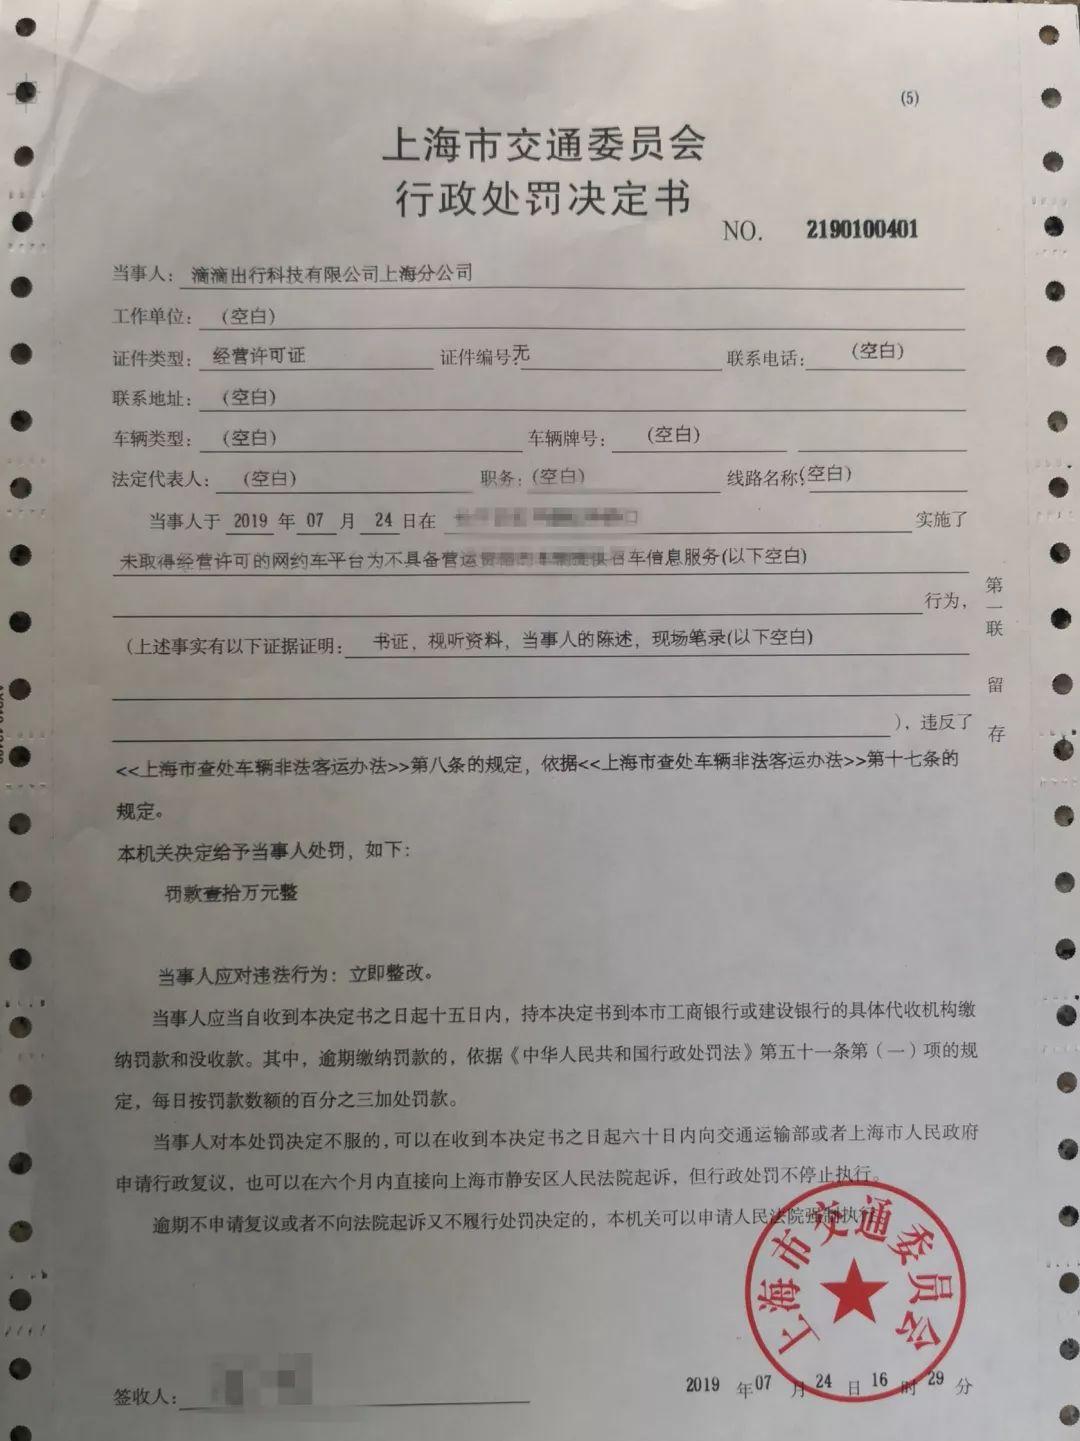 <b>一天被罚两次!近一个月滴滴就被罚了180万!上海交通执法部门提高对网约车平台的处罚频次</b>